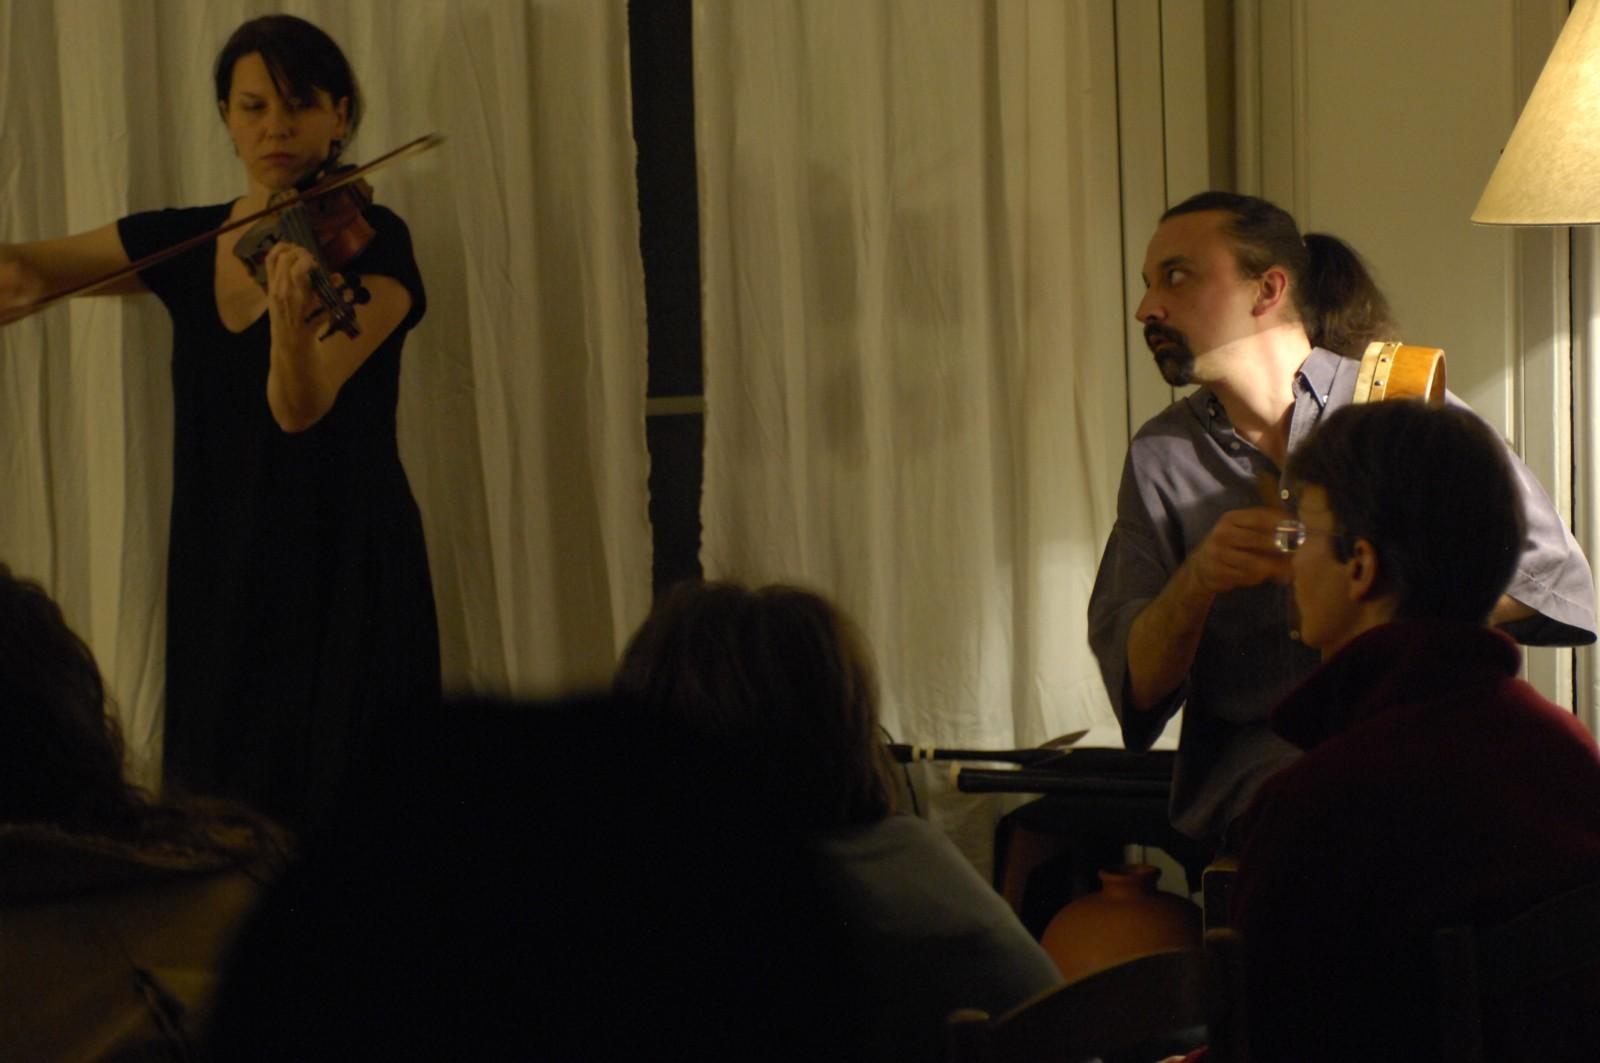 La danse des pois, création 2007